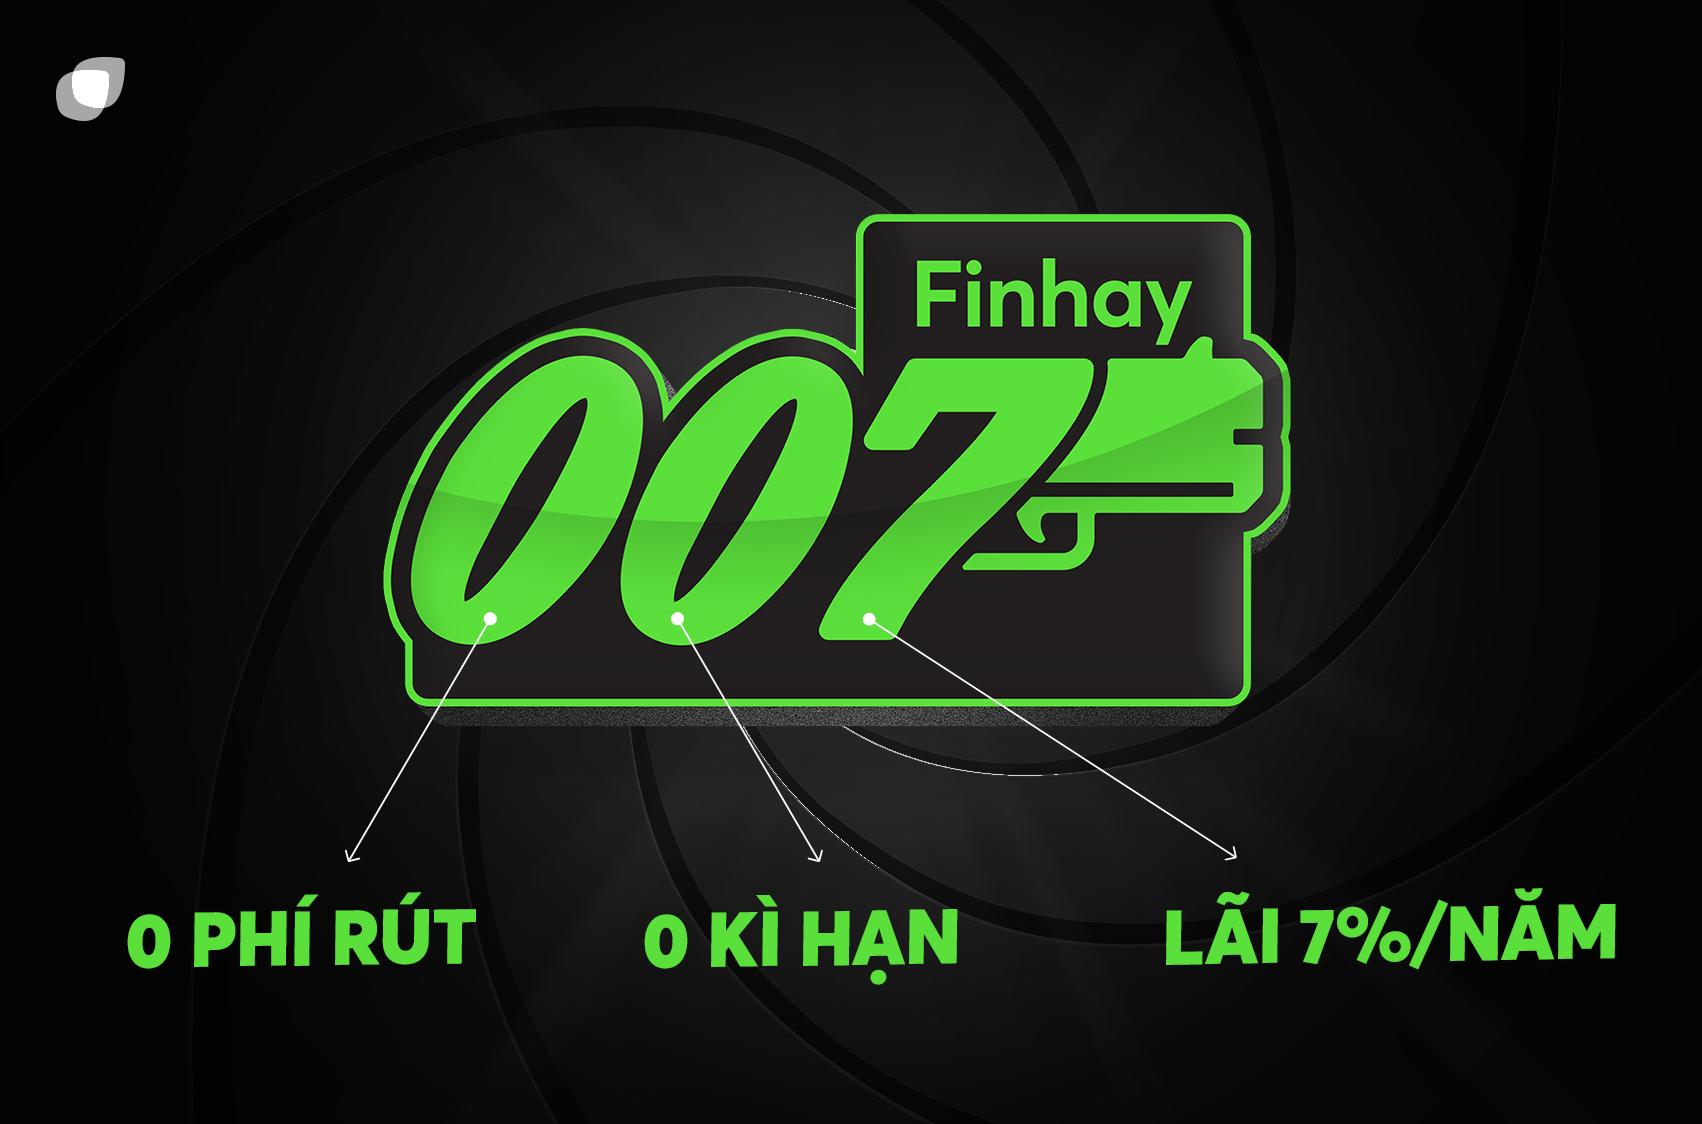 Finhay 007 đã kết thúc